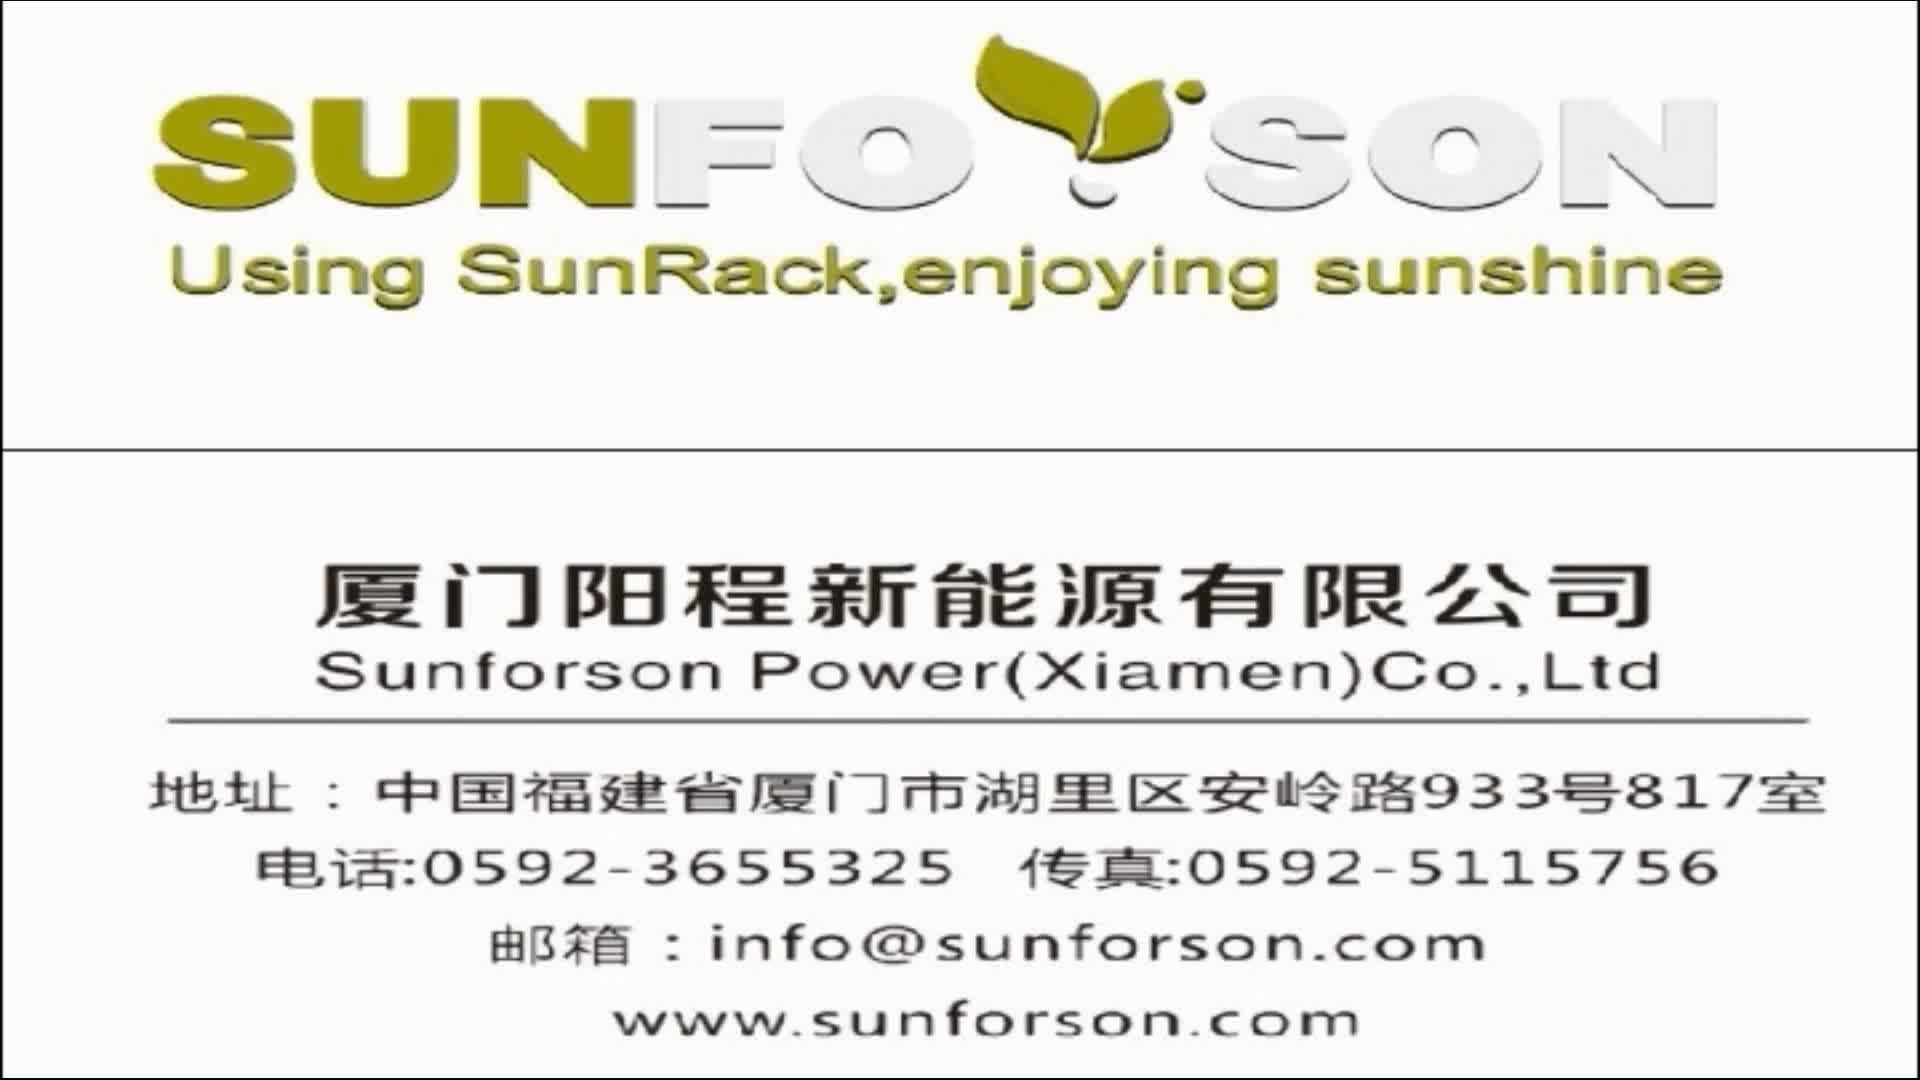 أنظمة طاقة شمسية مضمونة للكمية 15 كيلو واط تركيب ألواح شمسية للسقف